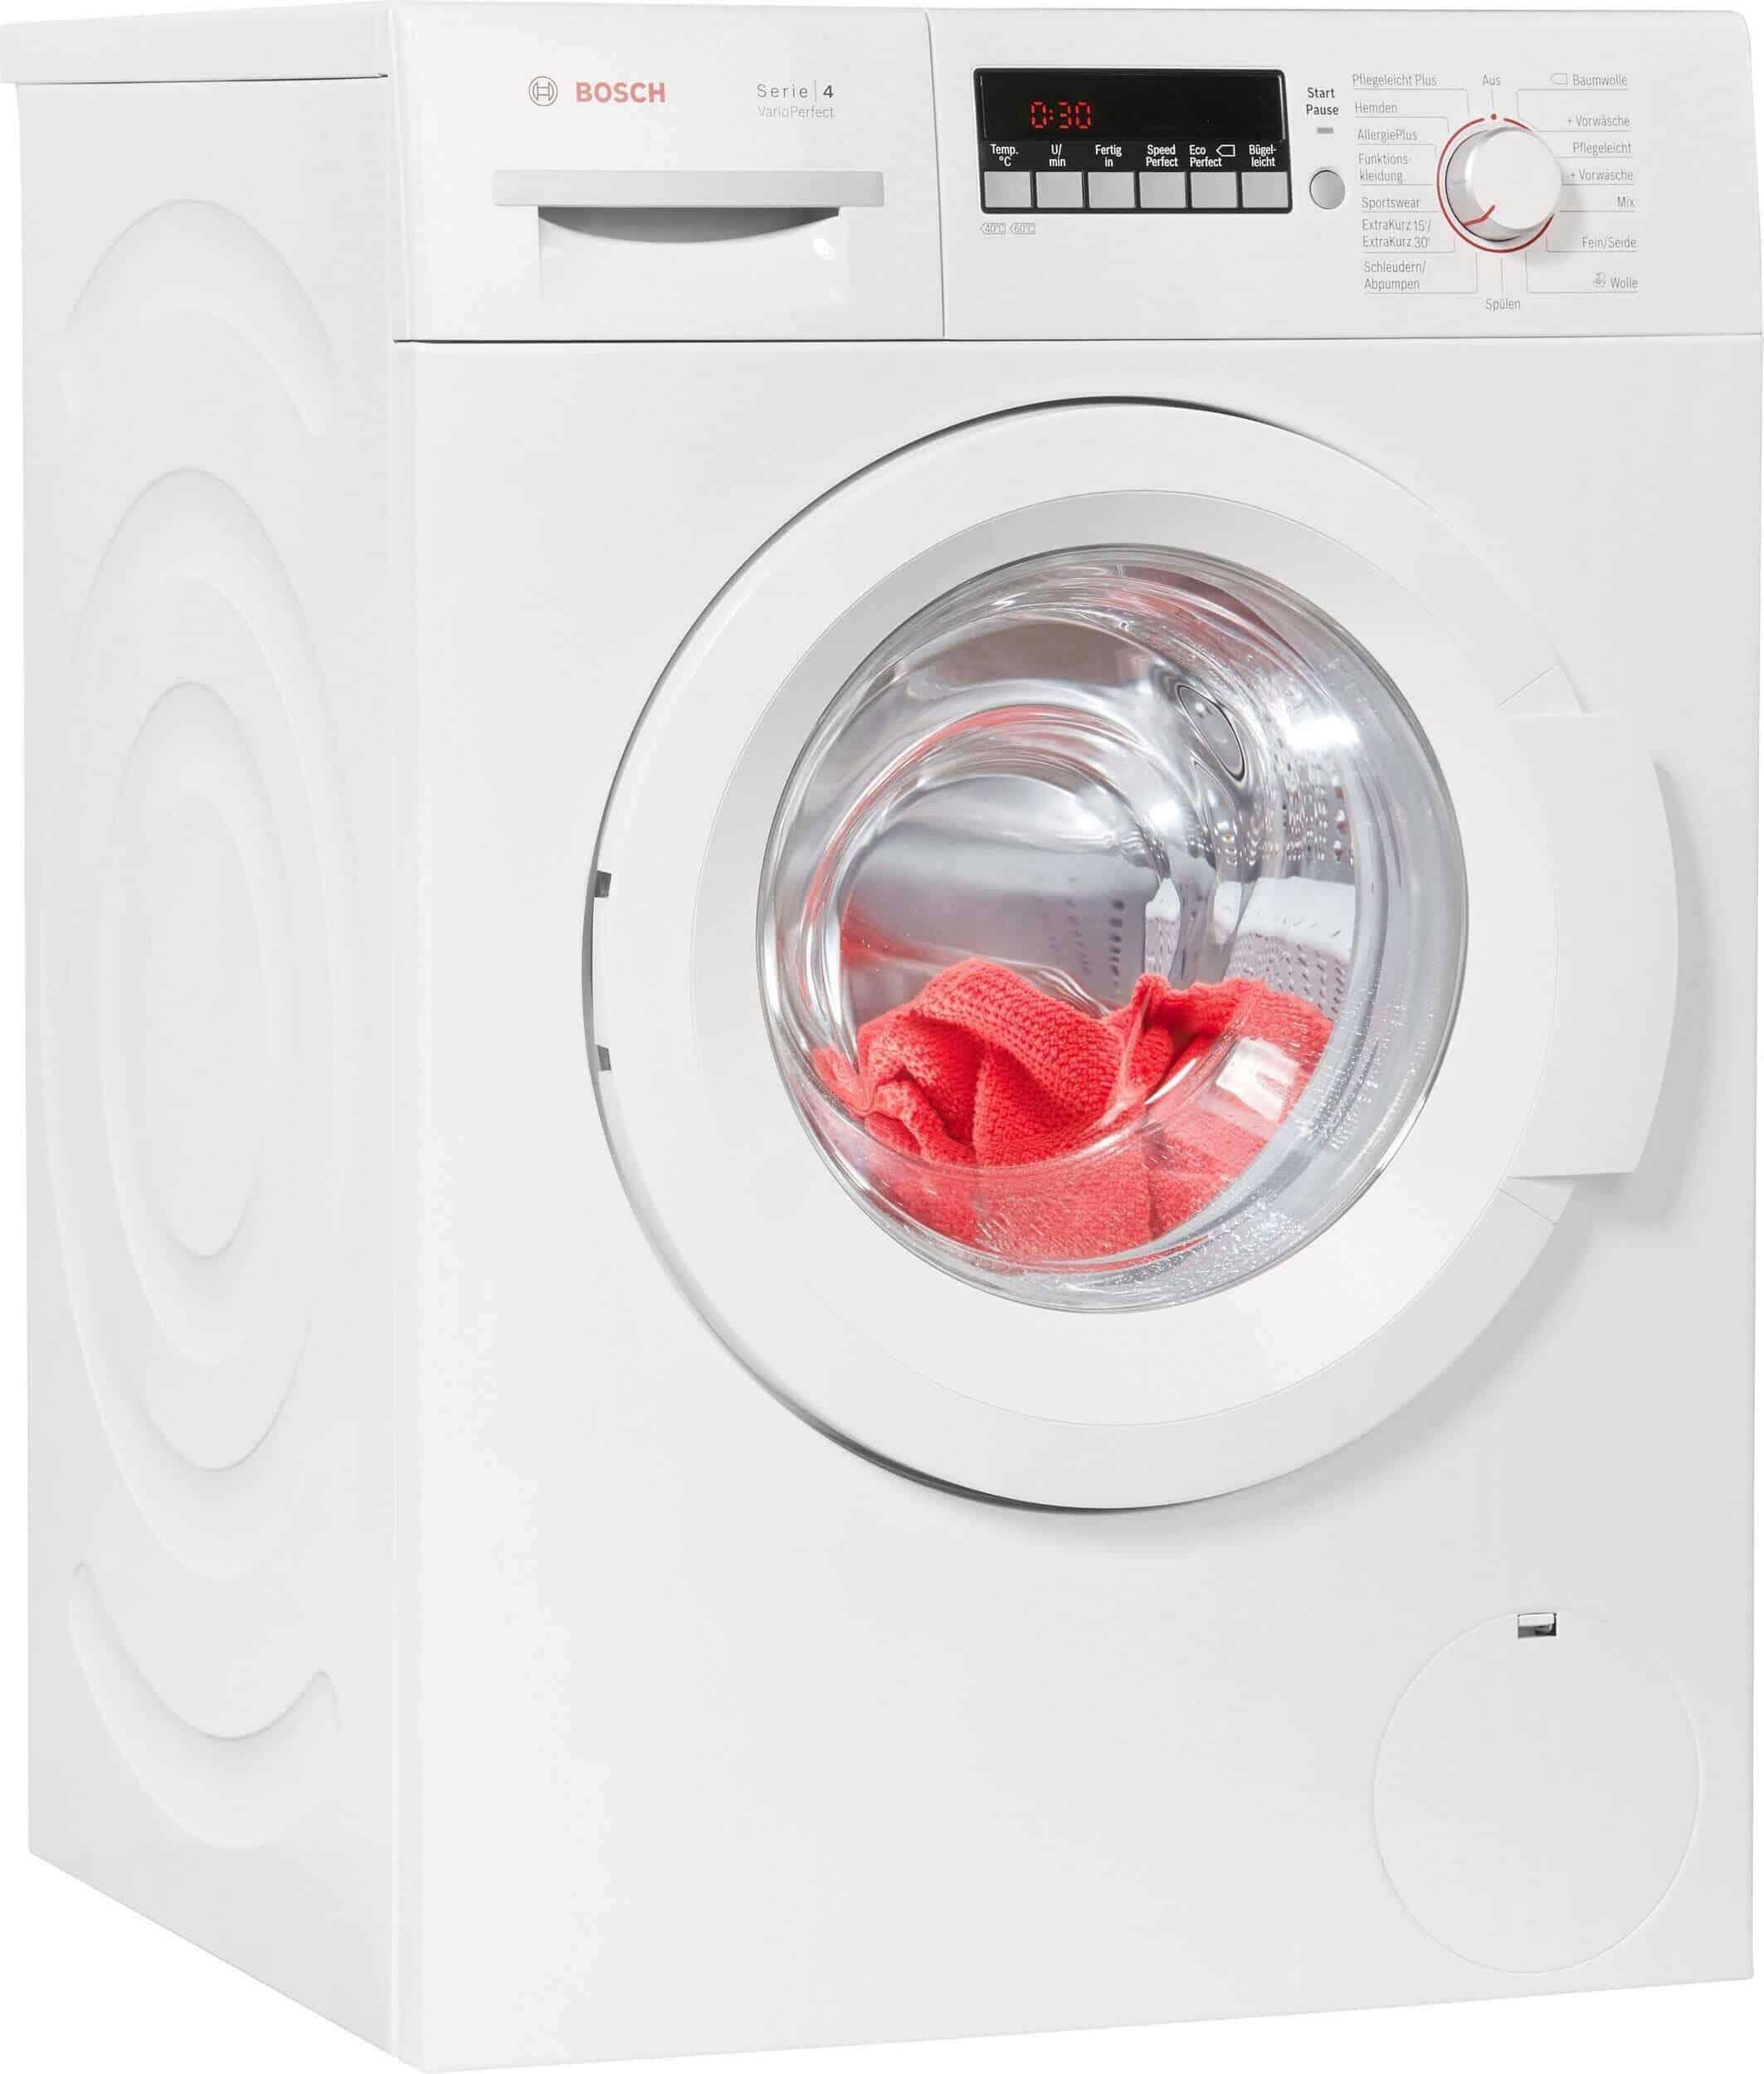 bosch wak28248 waschmaschine im test 07 2018. Black Bedroom Furniture Sets. Home Design Ideas